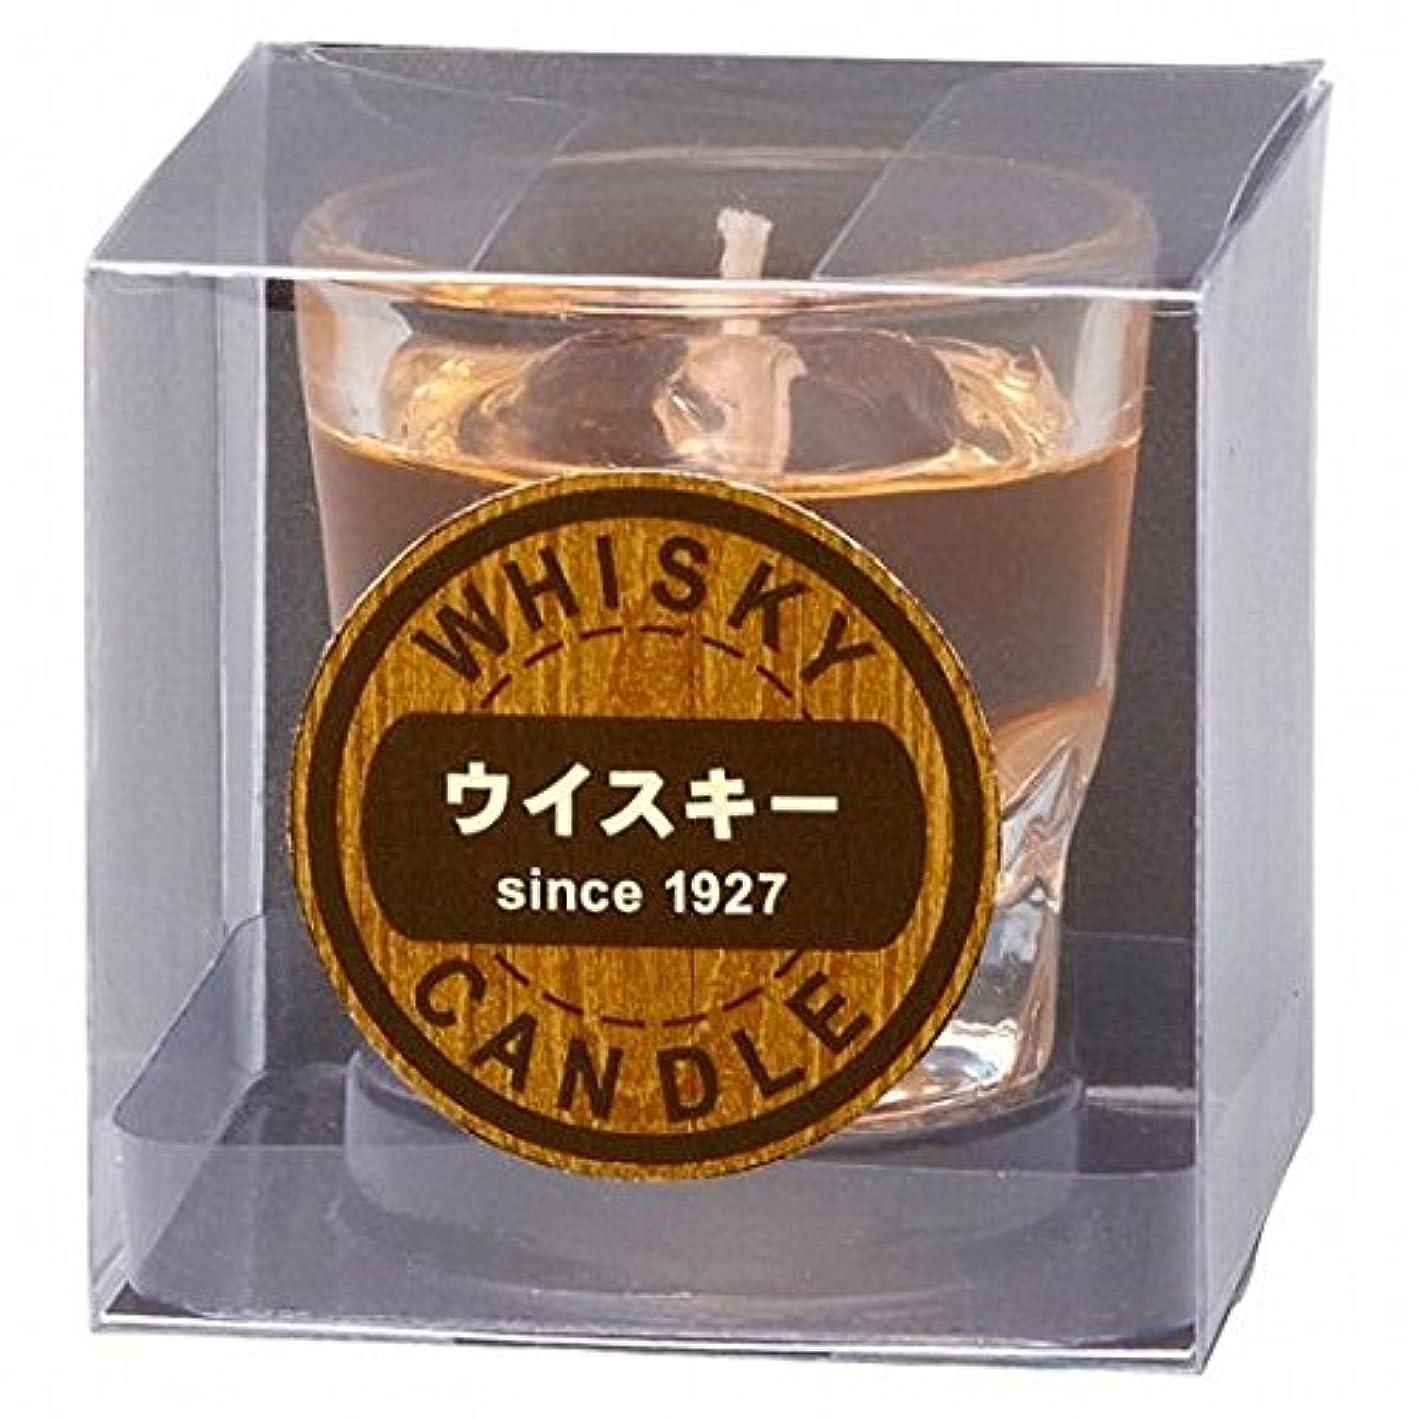 障害者殺します眠いですkameyama candle(カメヤマキャンドル) ウイスキーロックキャンドル(86170000)